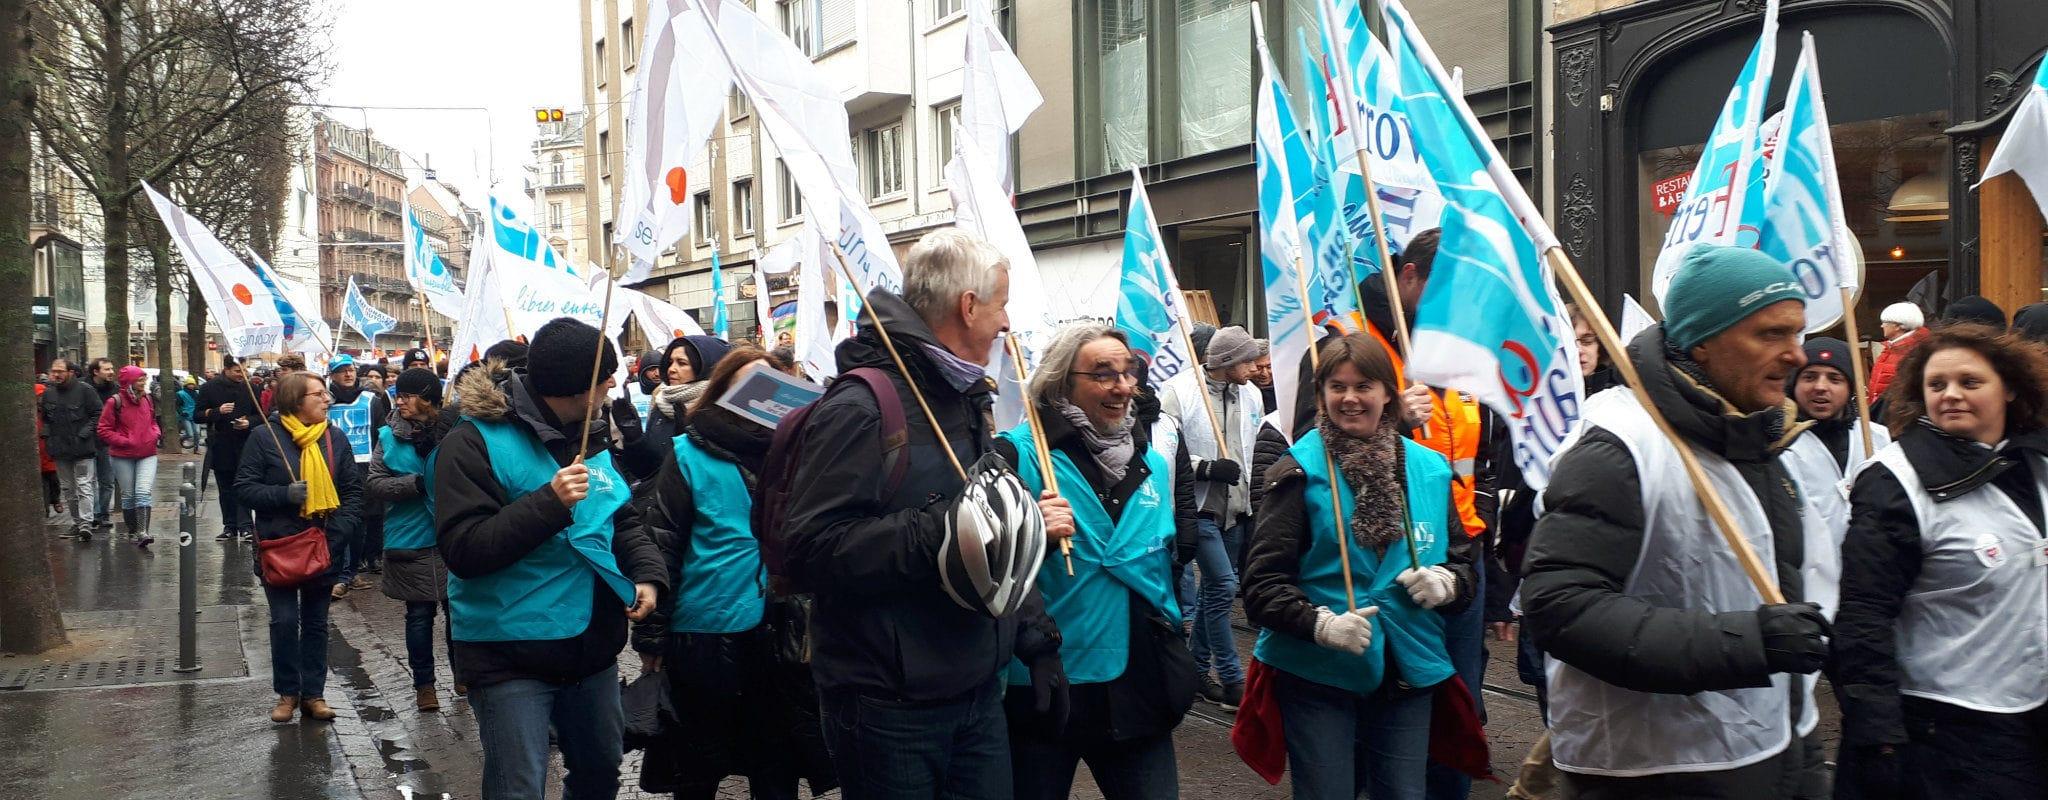 Le 30 mars, les enseignants manifestent à Strasbourg contre la réforme Blanquer